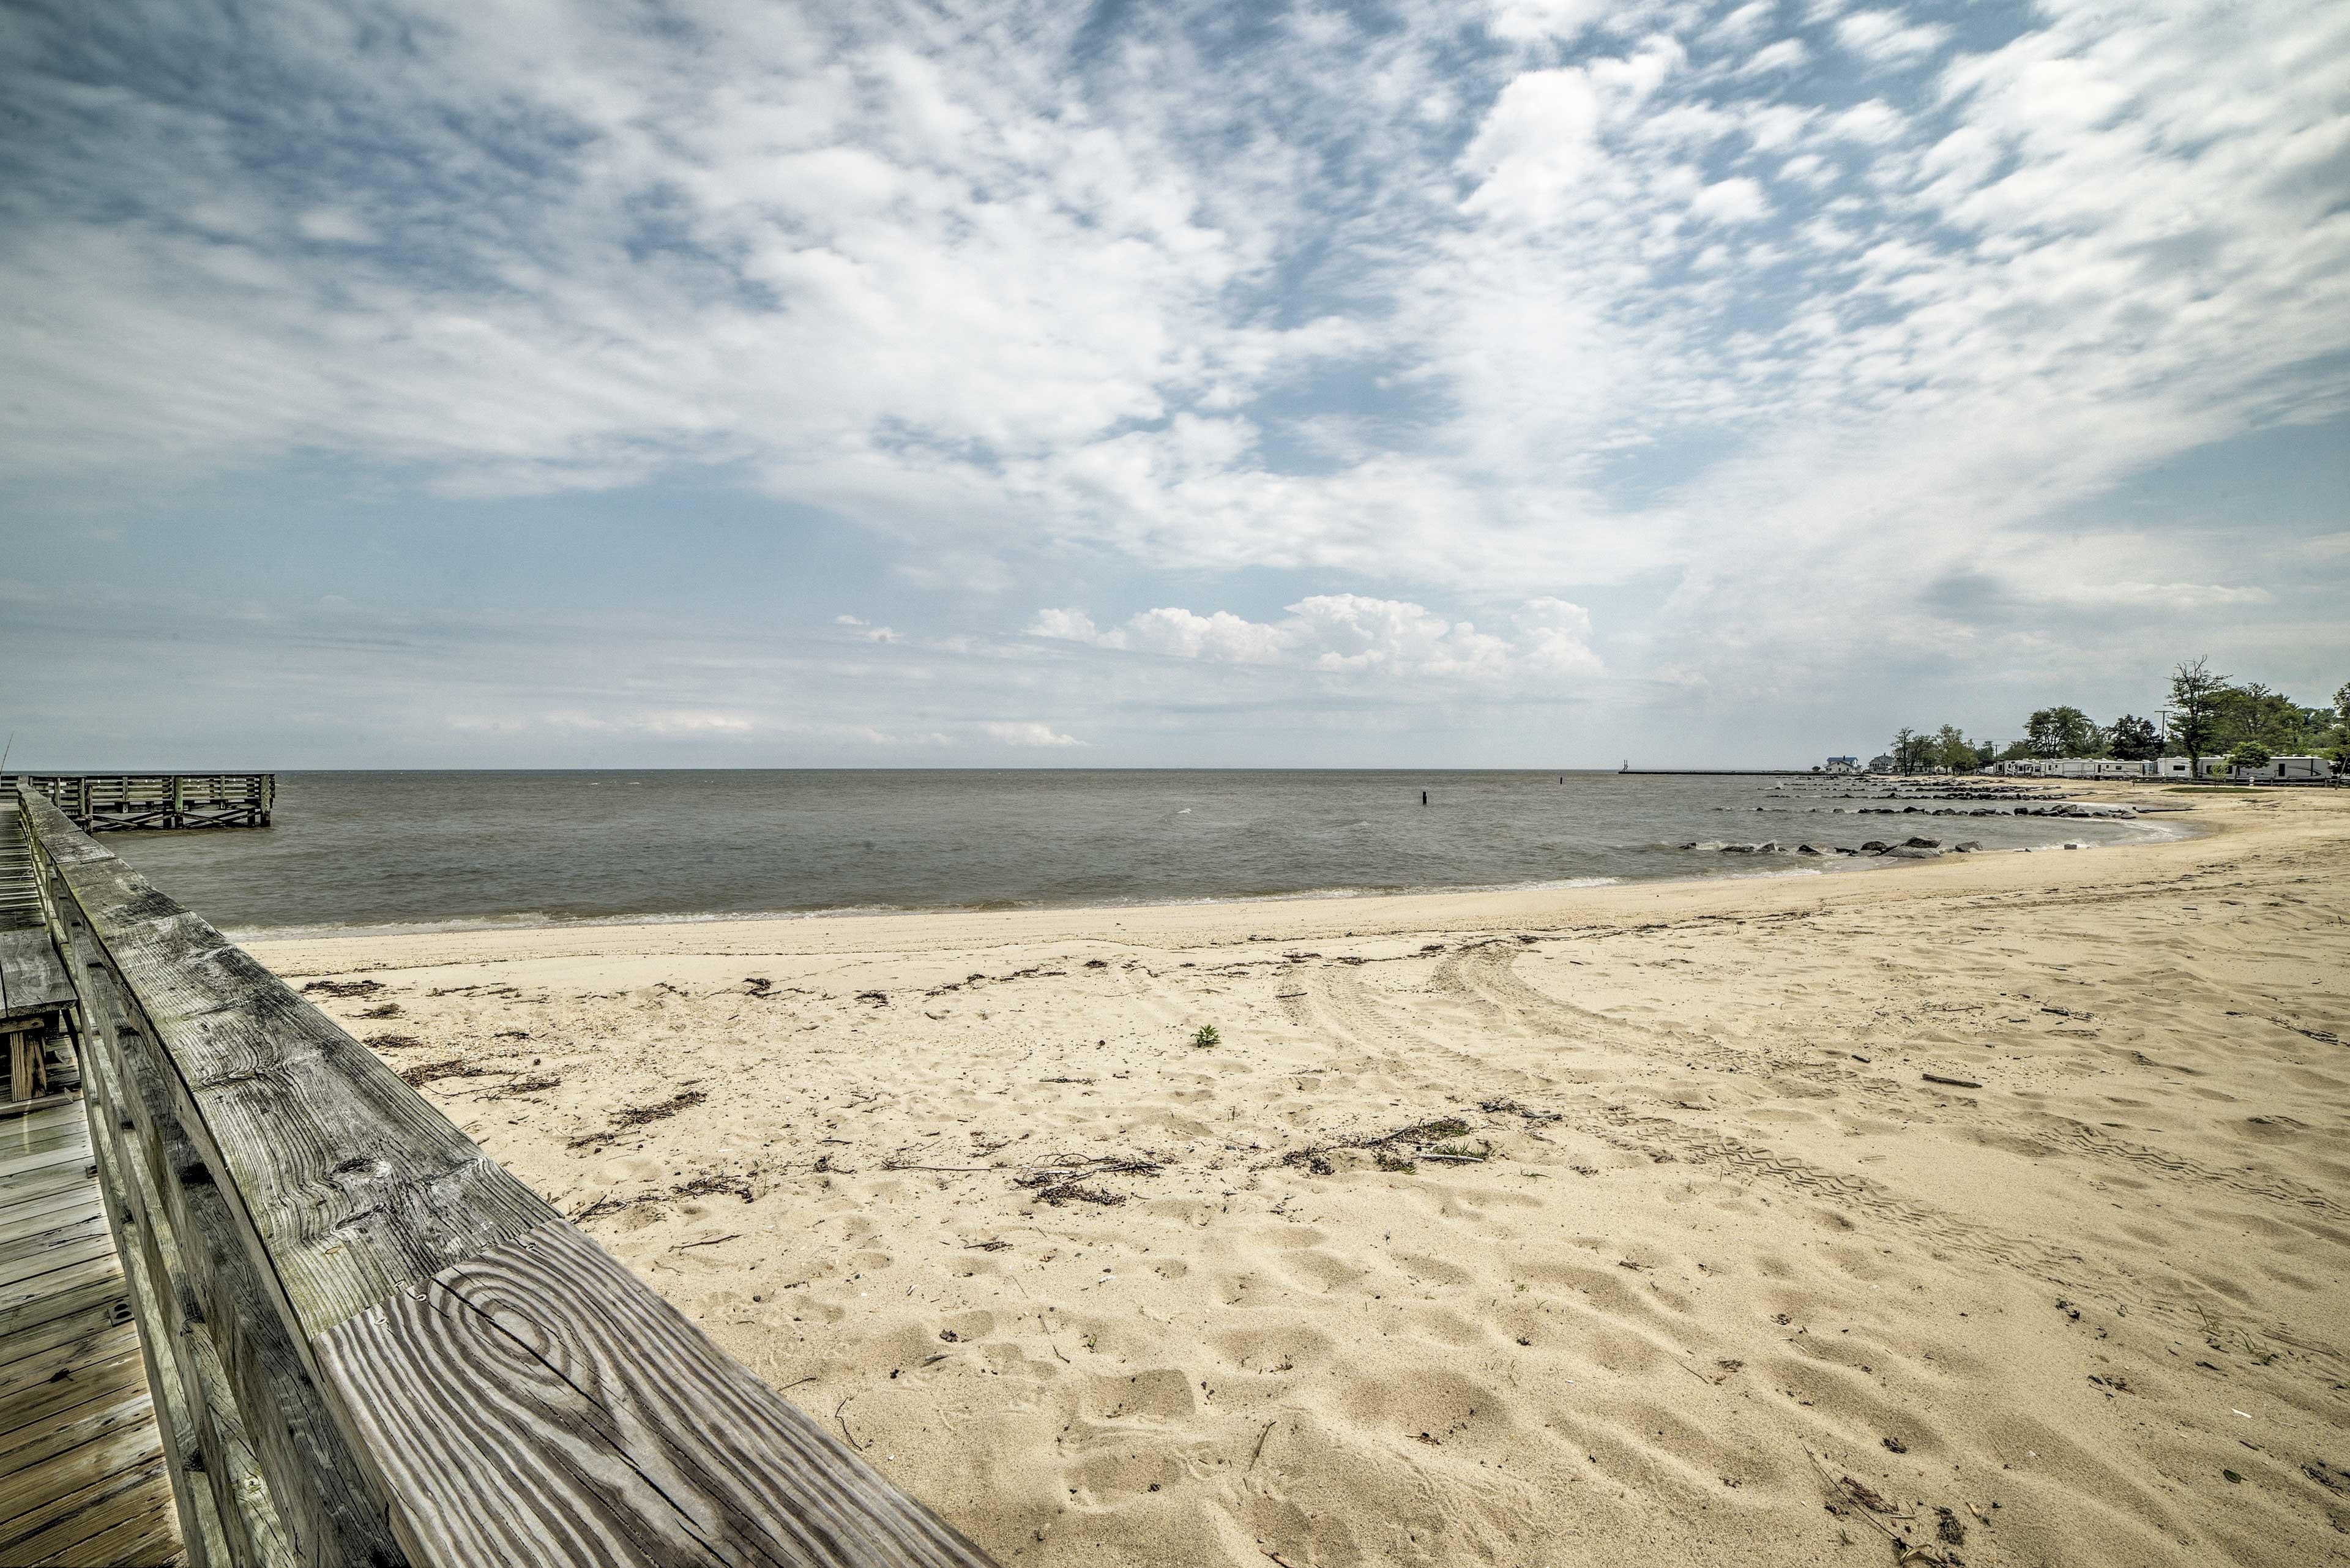 Head down to the beach!